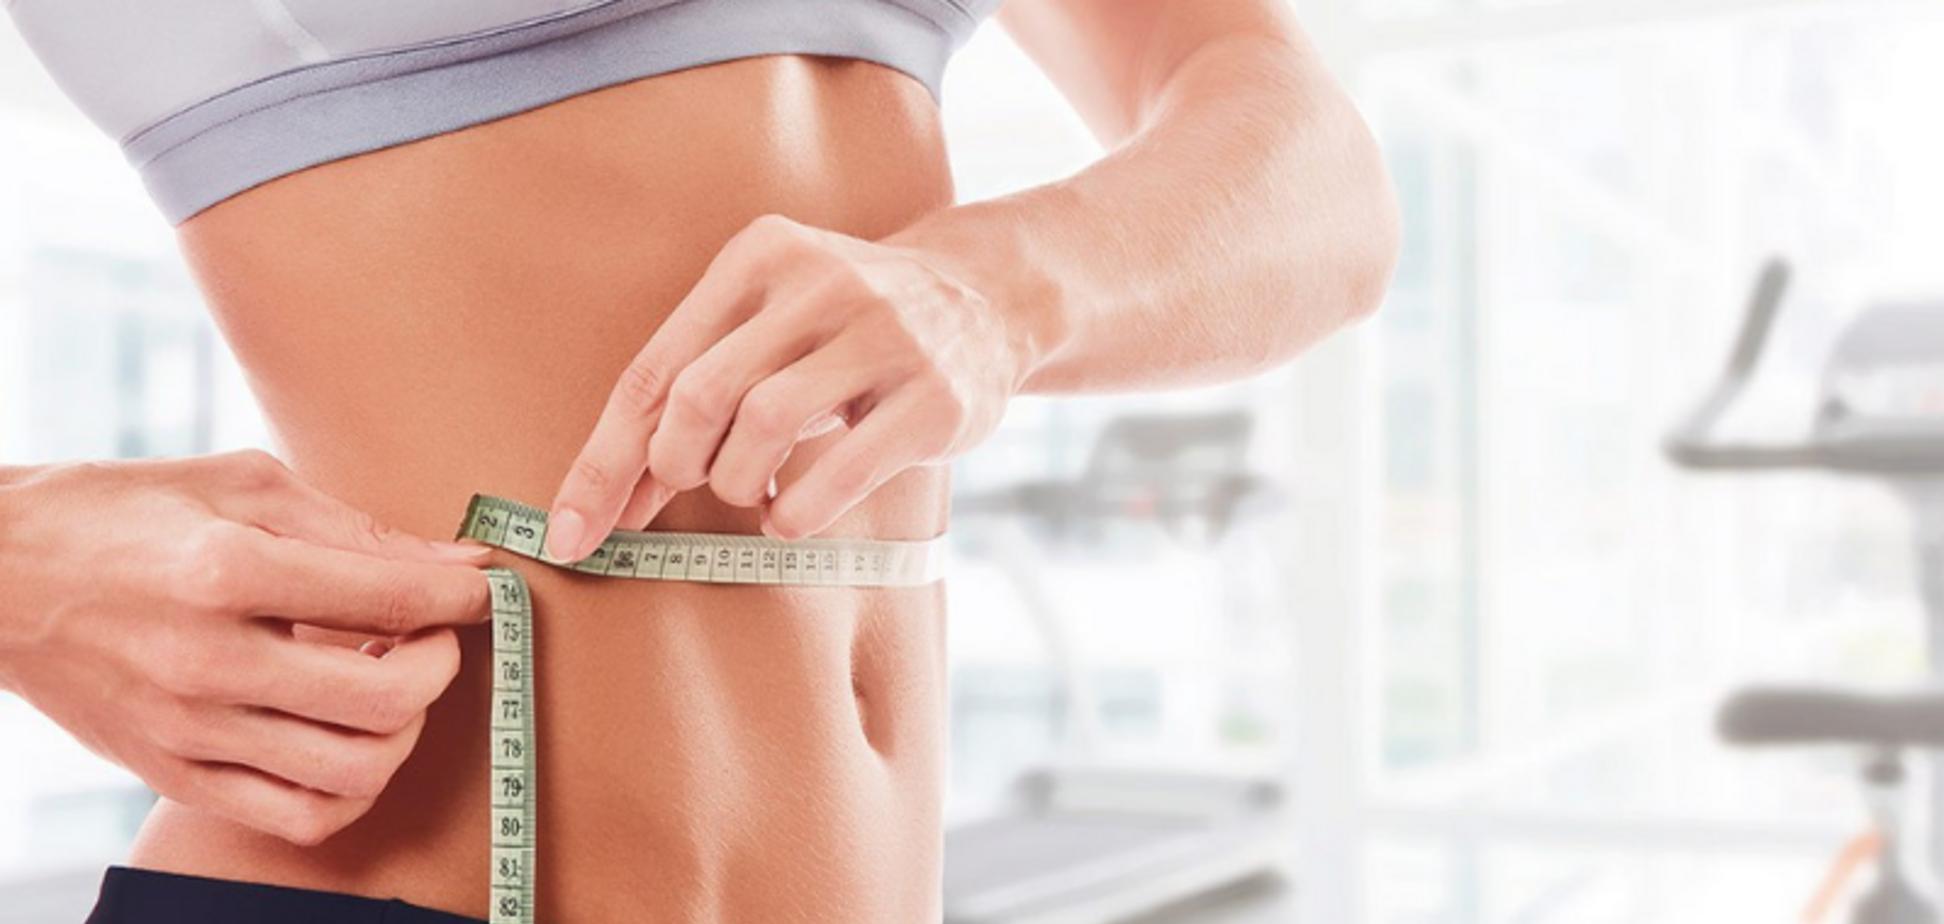 Как похудеть: названы 5 рабочих способов